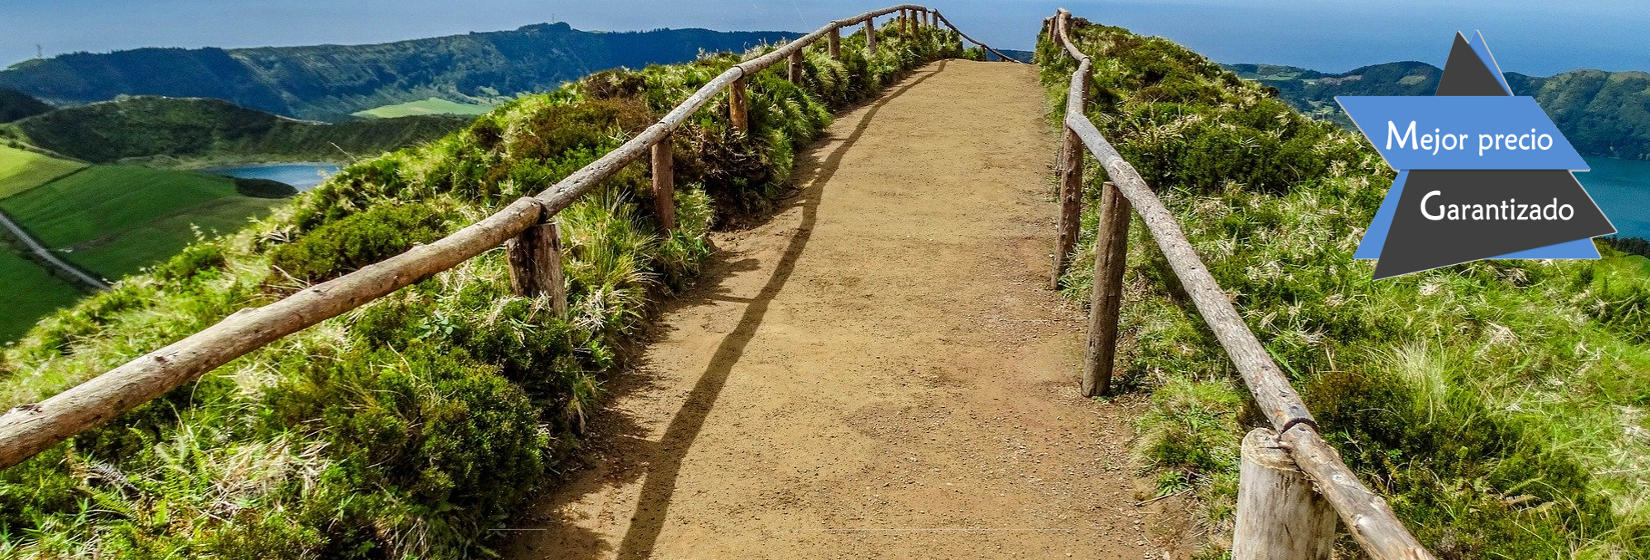 Viajes en Pandilla. Viaje a Azores. Los viajes más baratos a Azores, Portugal.